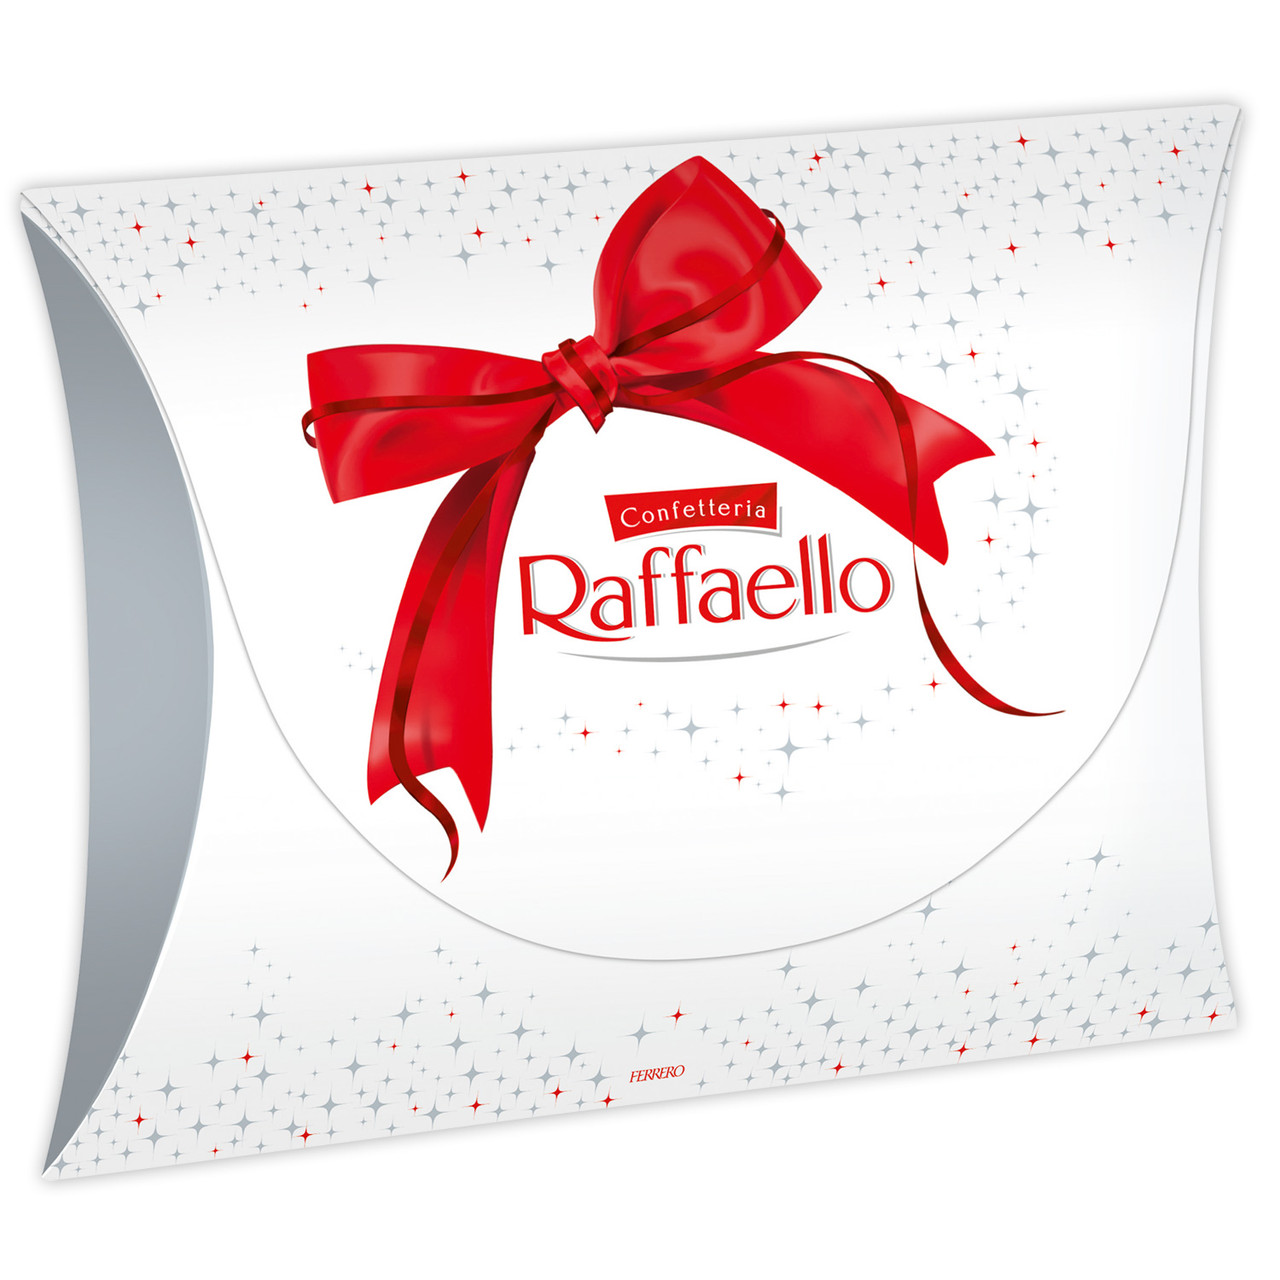 Конфеты Raffaello Confetteria, упаковка в форме клатча, 270 грамм